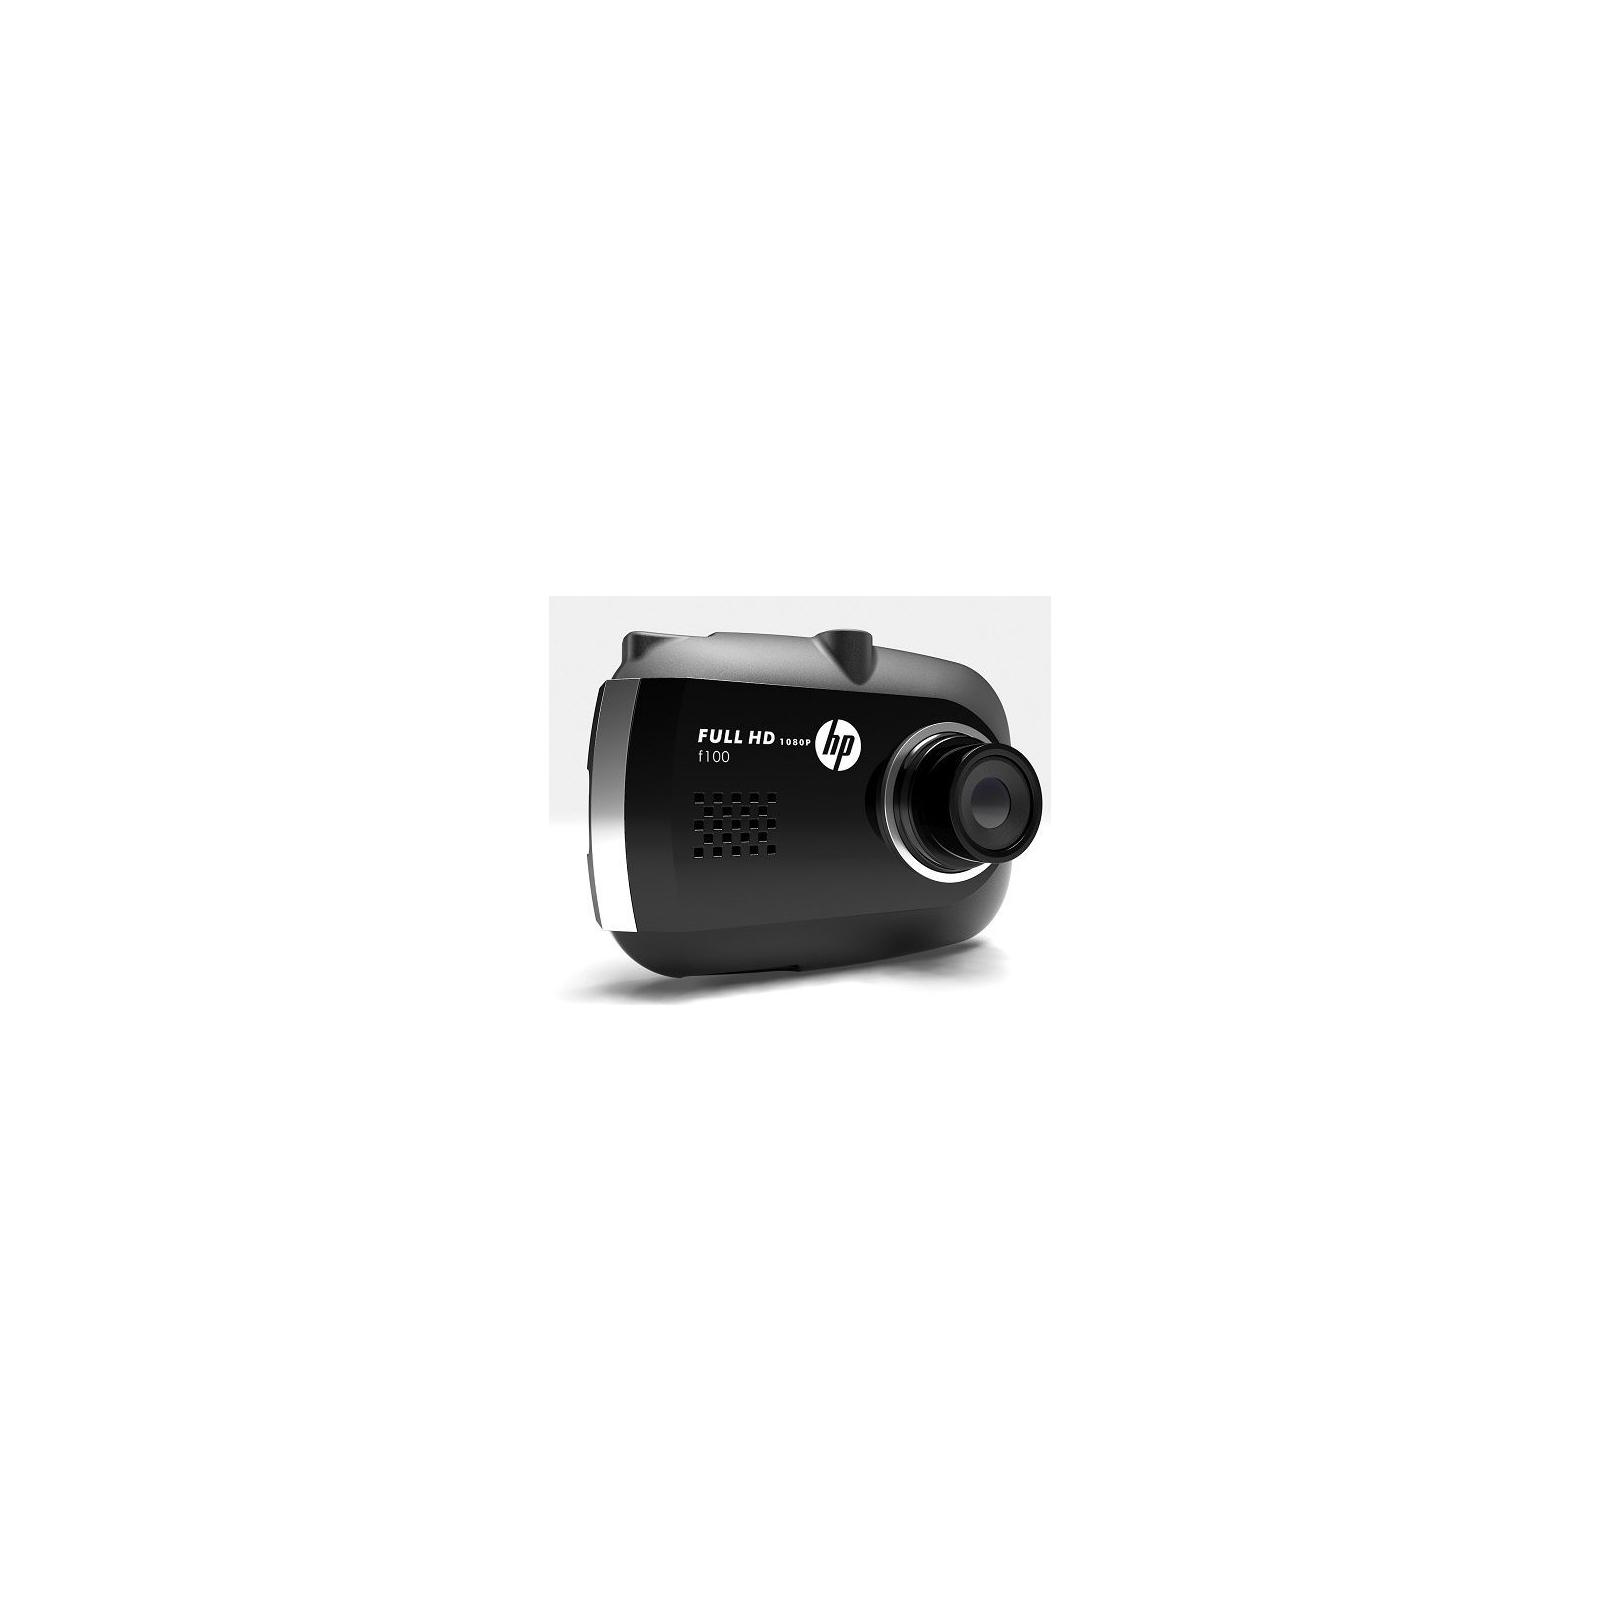 Видеорегистратор HP f100 изображение 6